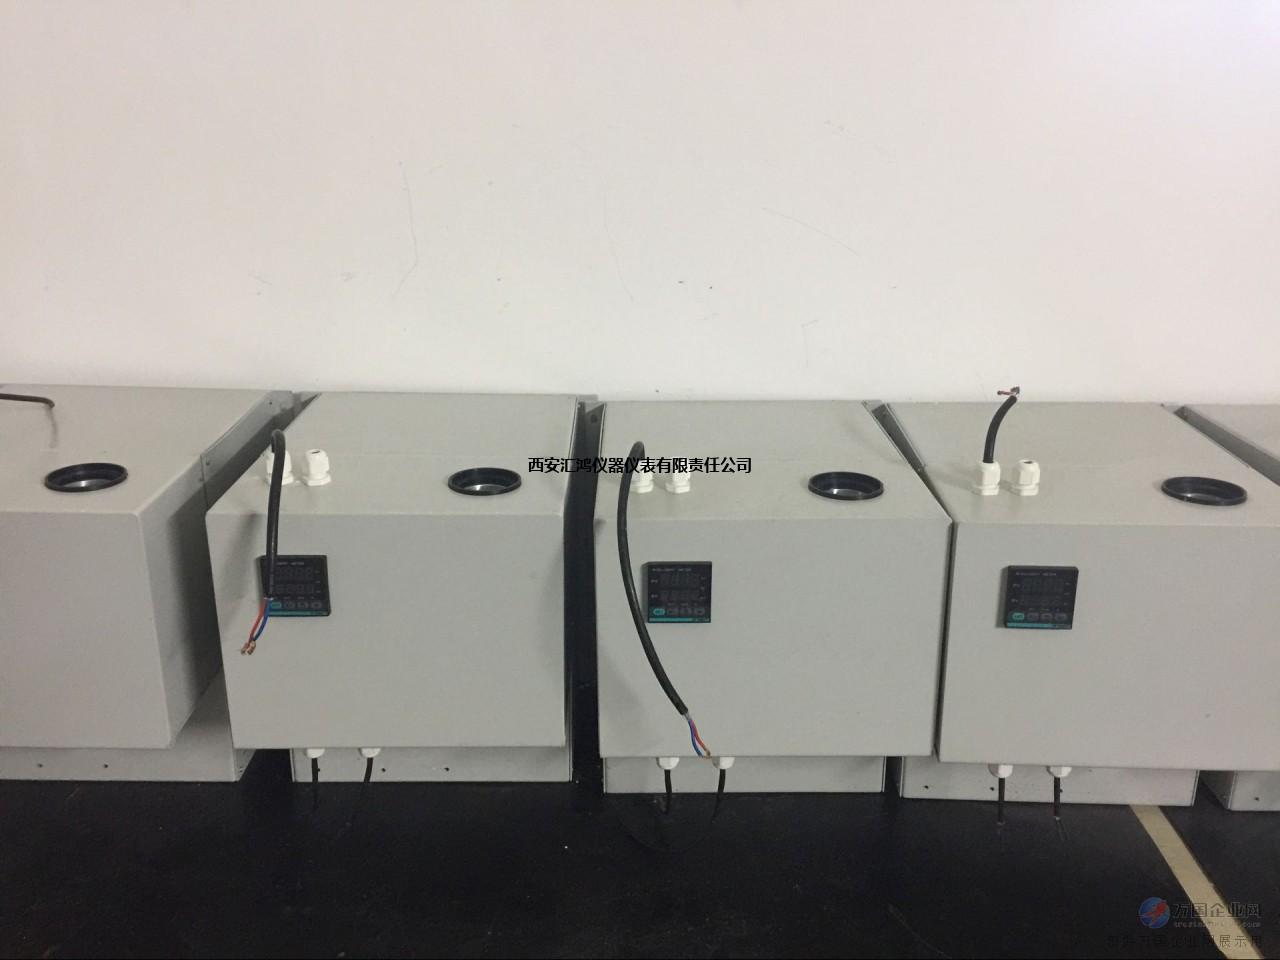 ZL-YB-300系列压缩机制冷机是为气体分析处理系统所设计,在样气处理过程中非常重要。本产品在实际使用过程中有出色的应用表现。采用冷井热吸收设计方式(冷井,用于安放热交换器,并给热交换器进行冷凝降温的金属冷凝筒)。热交换器可选用以下材质制成:玻璃、不锈钢、铜质、PVDF、PTFE。在实际应用中表现来看,玻璃材质的热交换器是好的选择。玻璃热交换器又名玻璃冷腔,冷腔内部采用独立的双回路冷凝气路,即一个冷腔内部有两个冷凝气路,两个冷凝气路相互独立,这样气体可以在一个冷腔中循环冷凝2次,保证了冷凝时间,有效的降